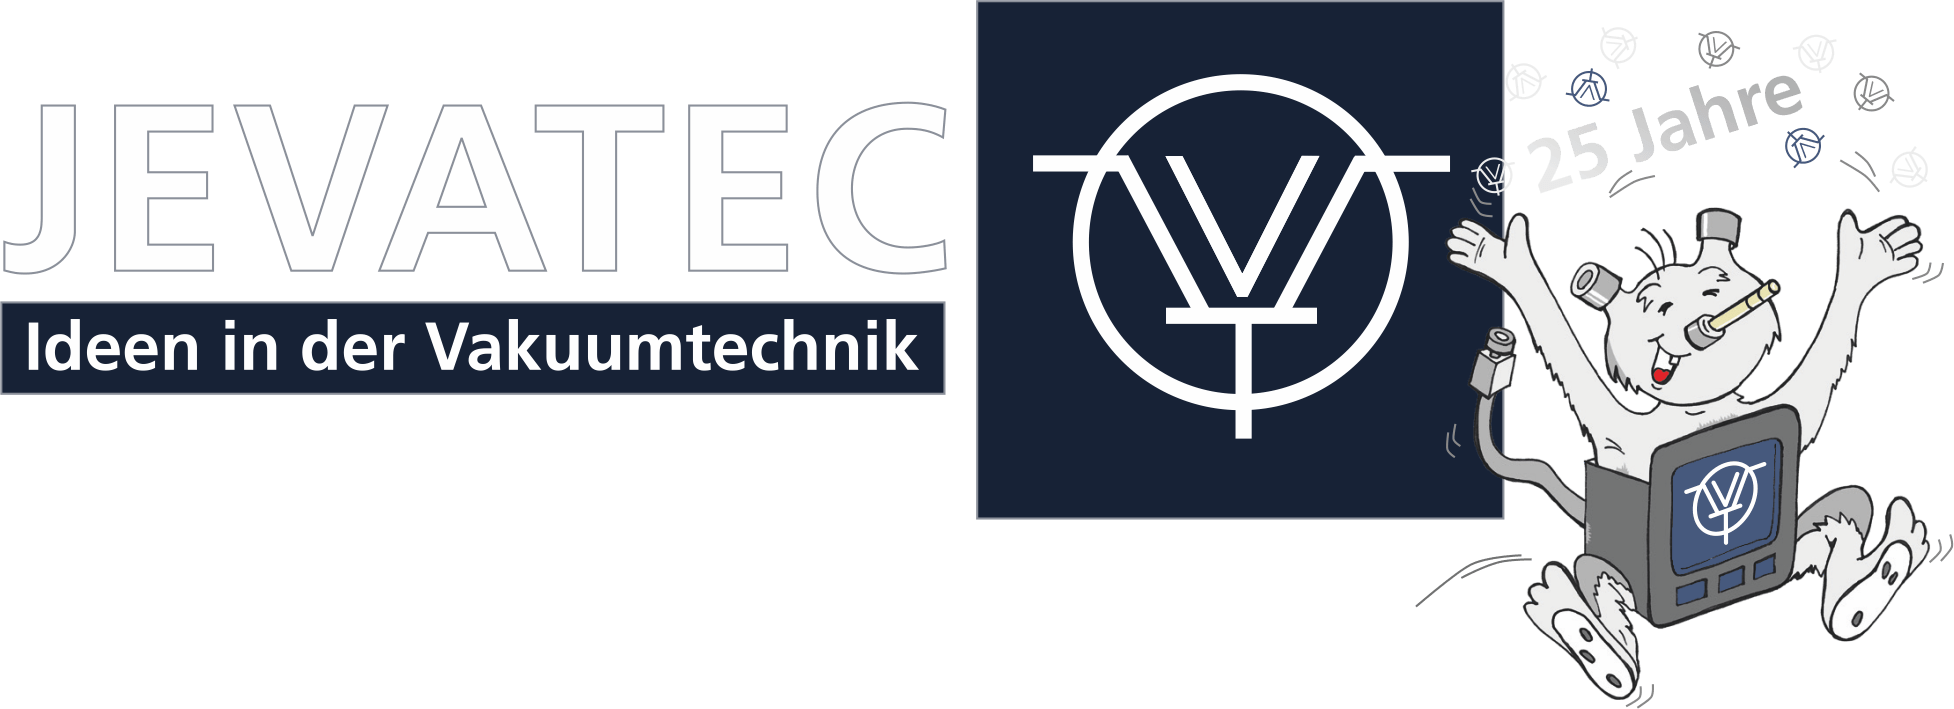 JEVATEC - Ideen in der Vakuumtechnik